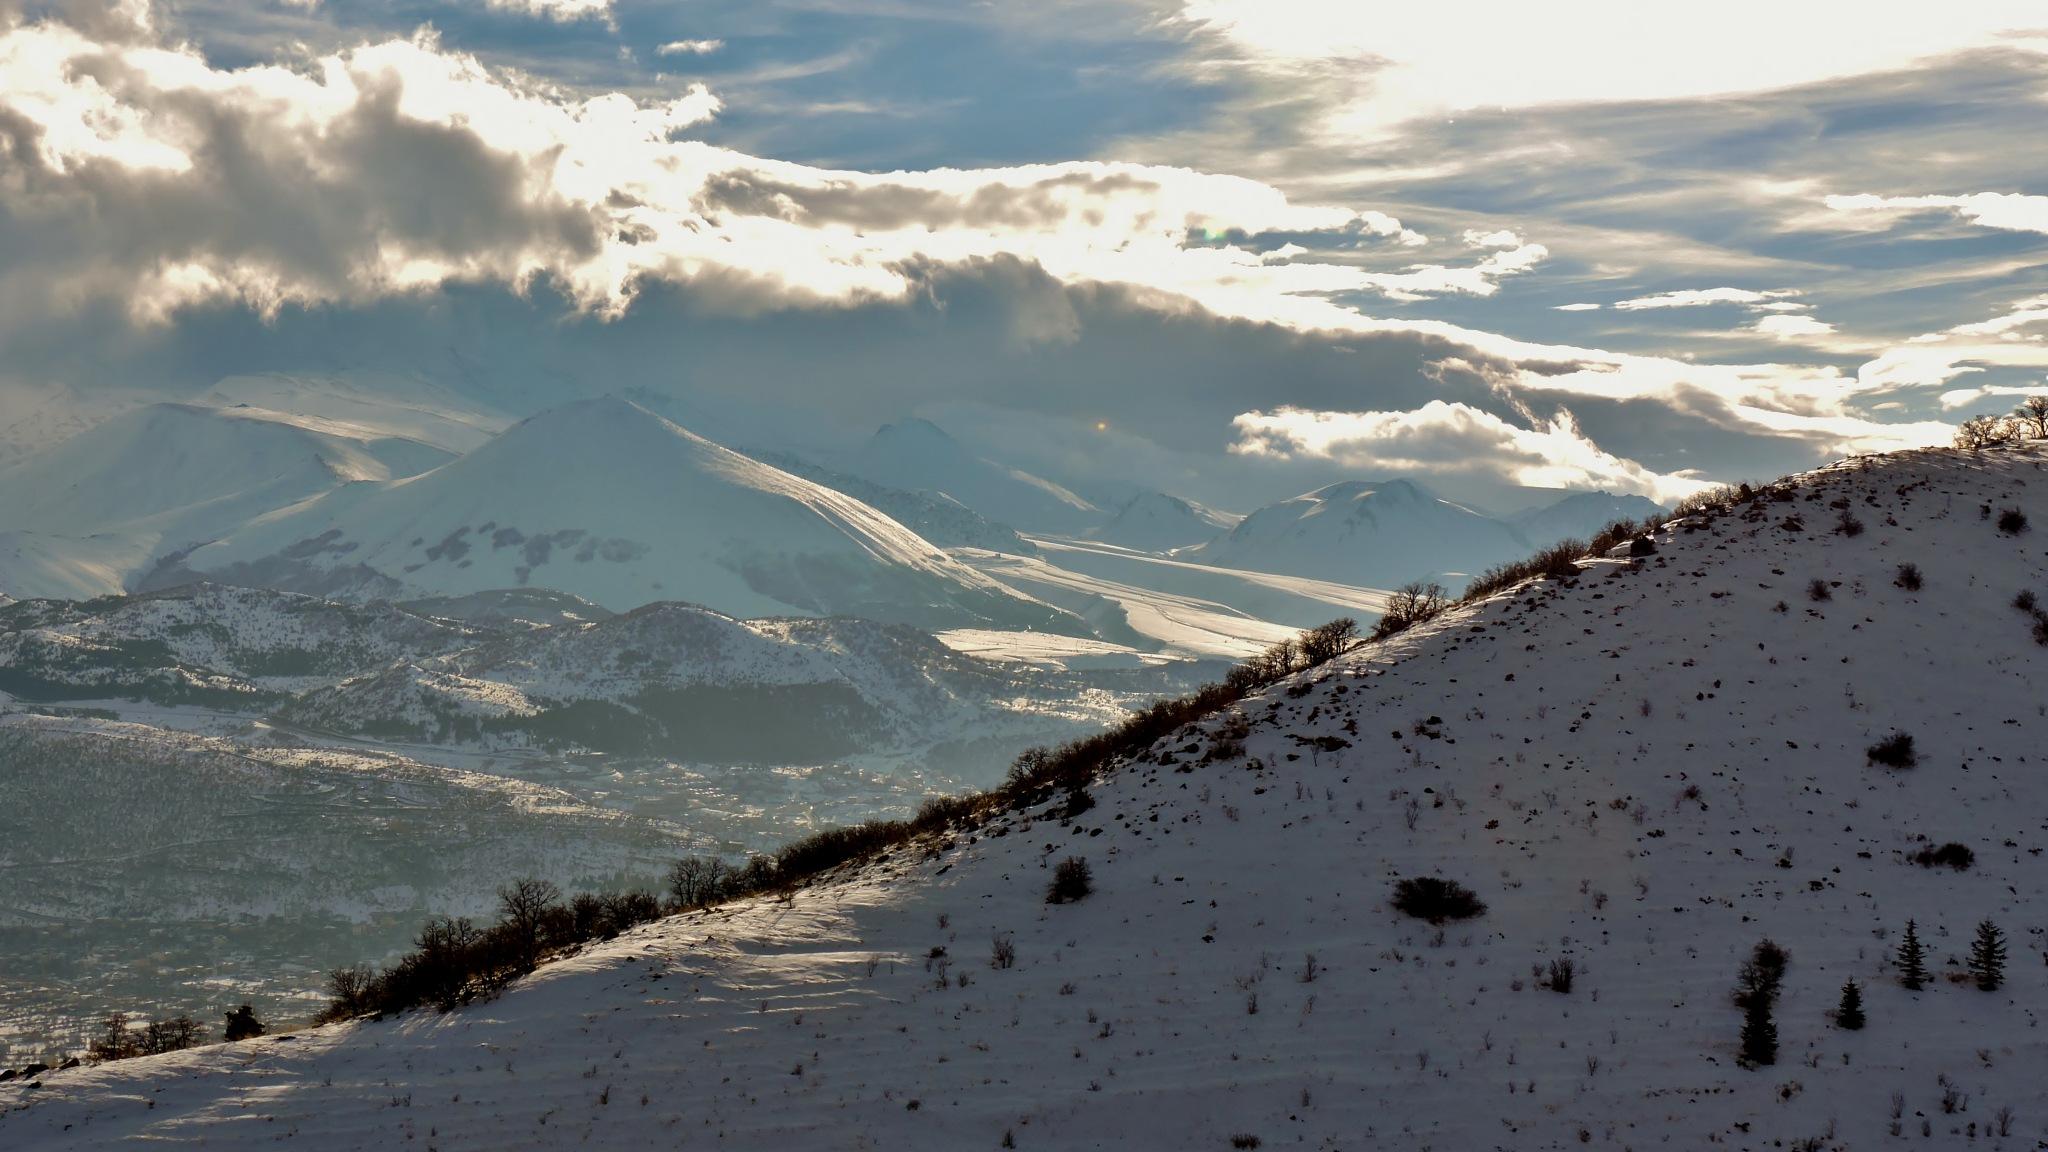 Erciyes Dağı,Kayseri,Turkey by Zekeriya